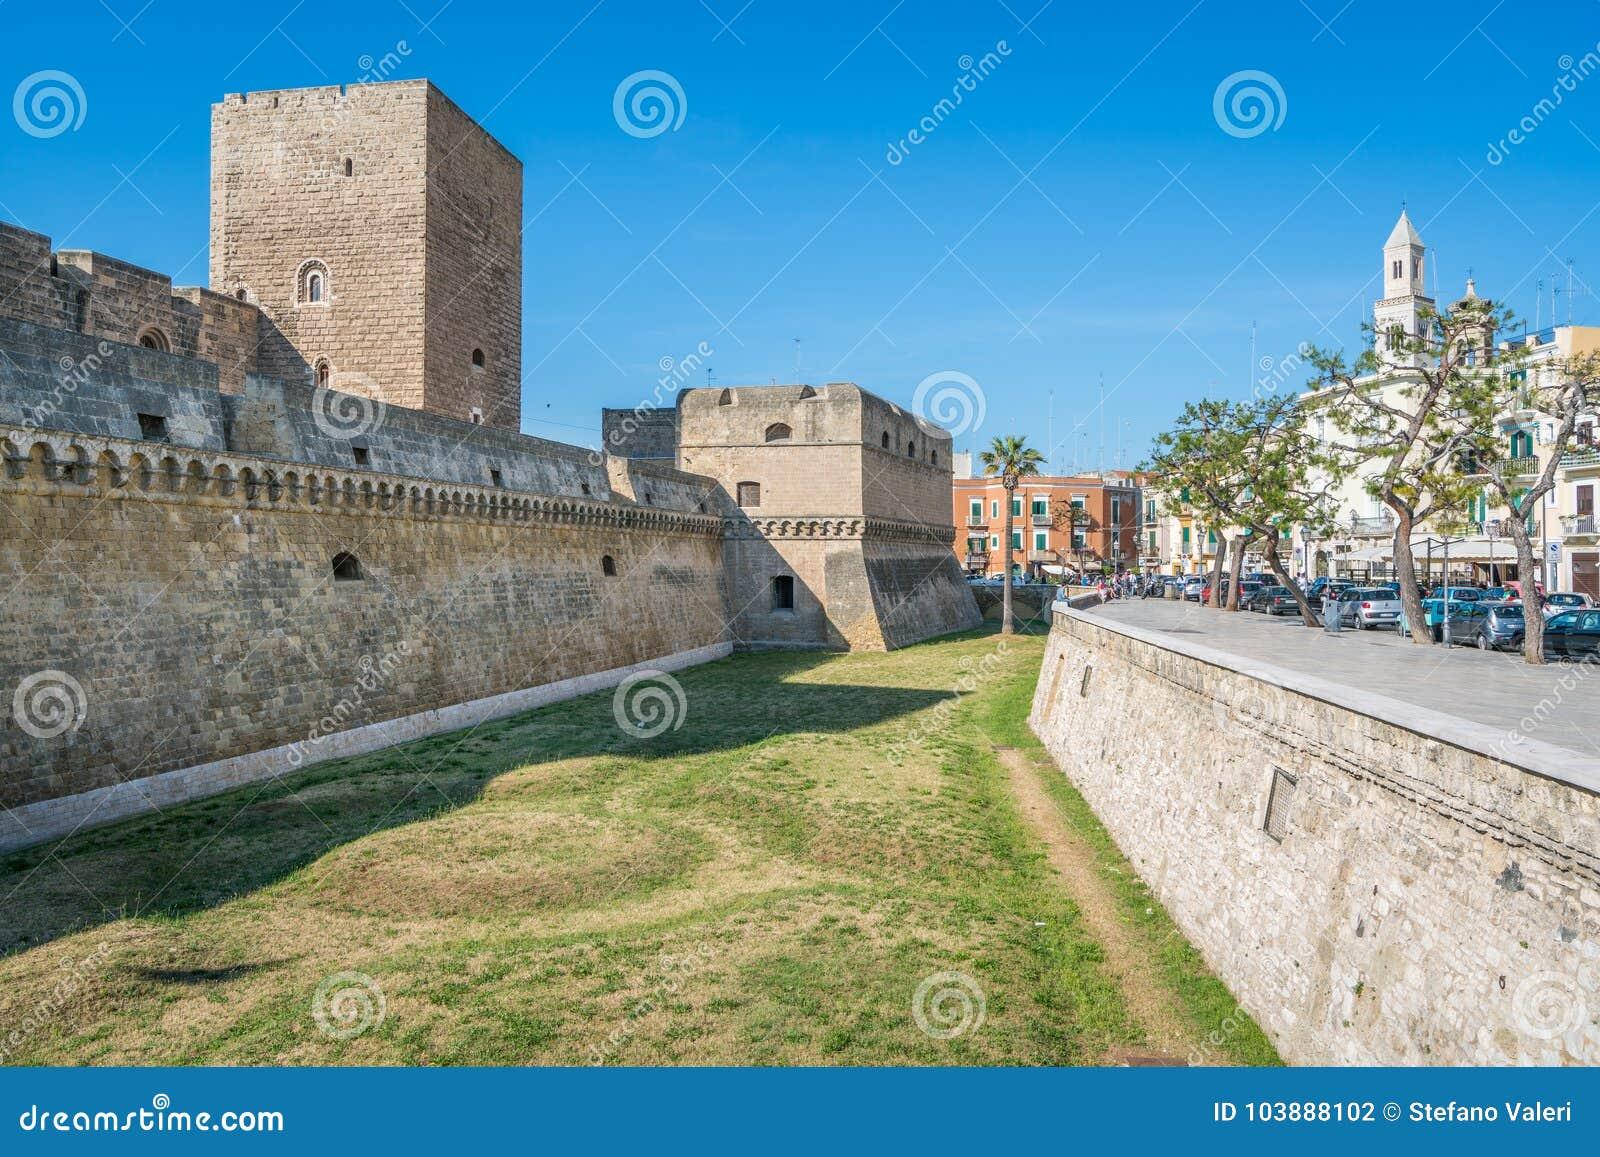 Castillo suabio de Castello Svevo en Bari, Apulia, Italia meridional